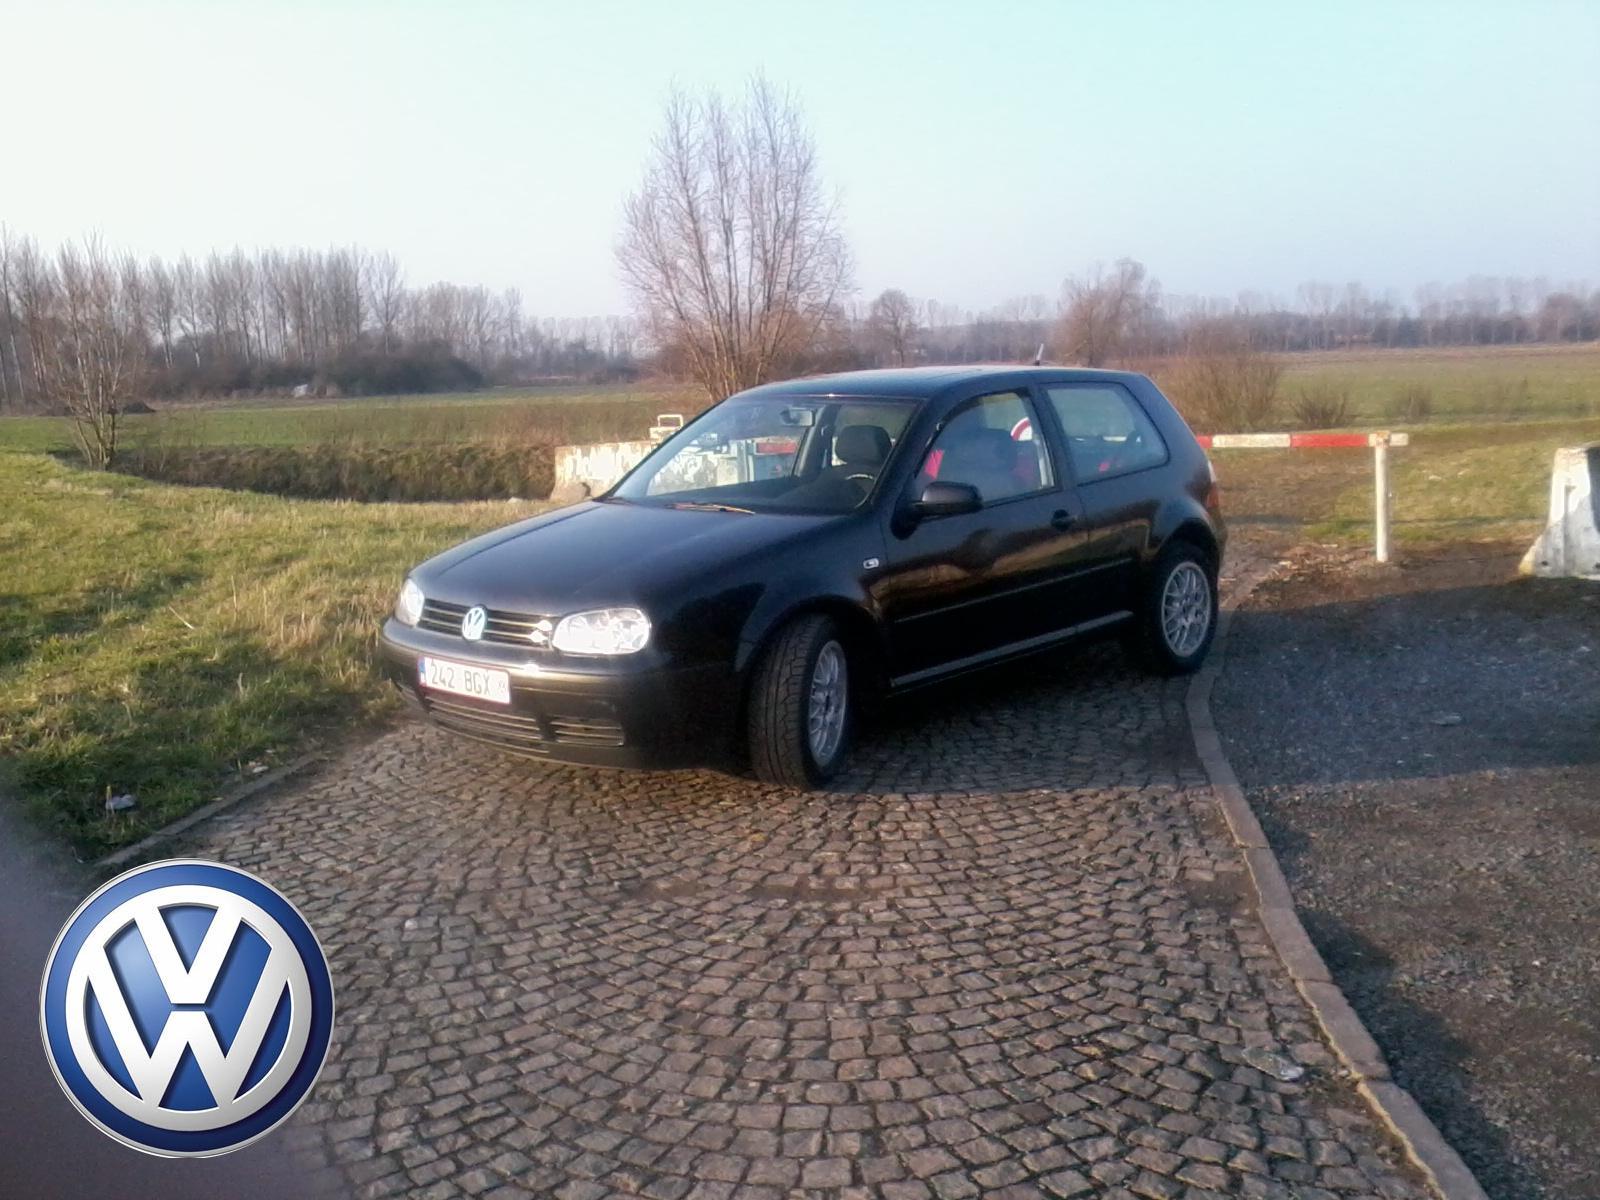 Mkiv 1 4 16v de menan17 bdv hs encore garage des golf for Garage volkswagen henin beaumont